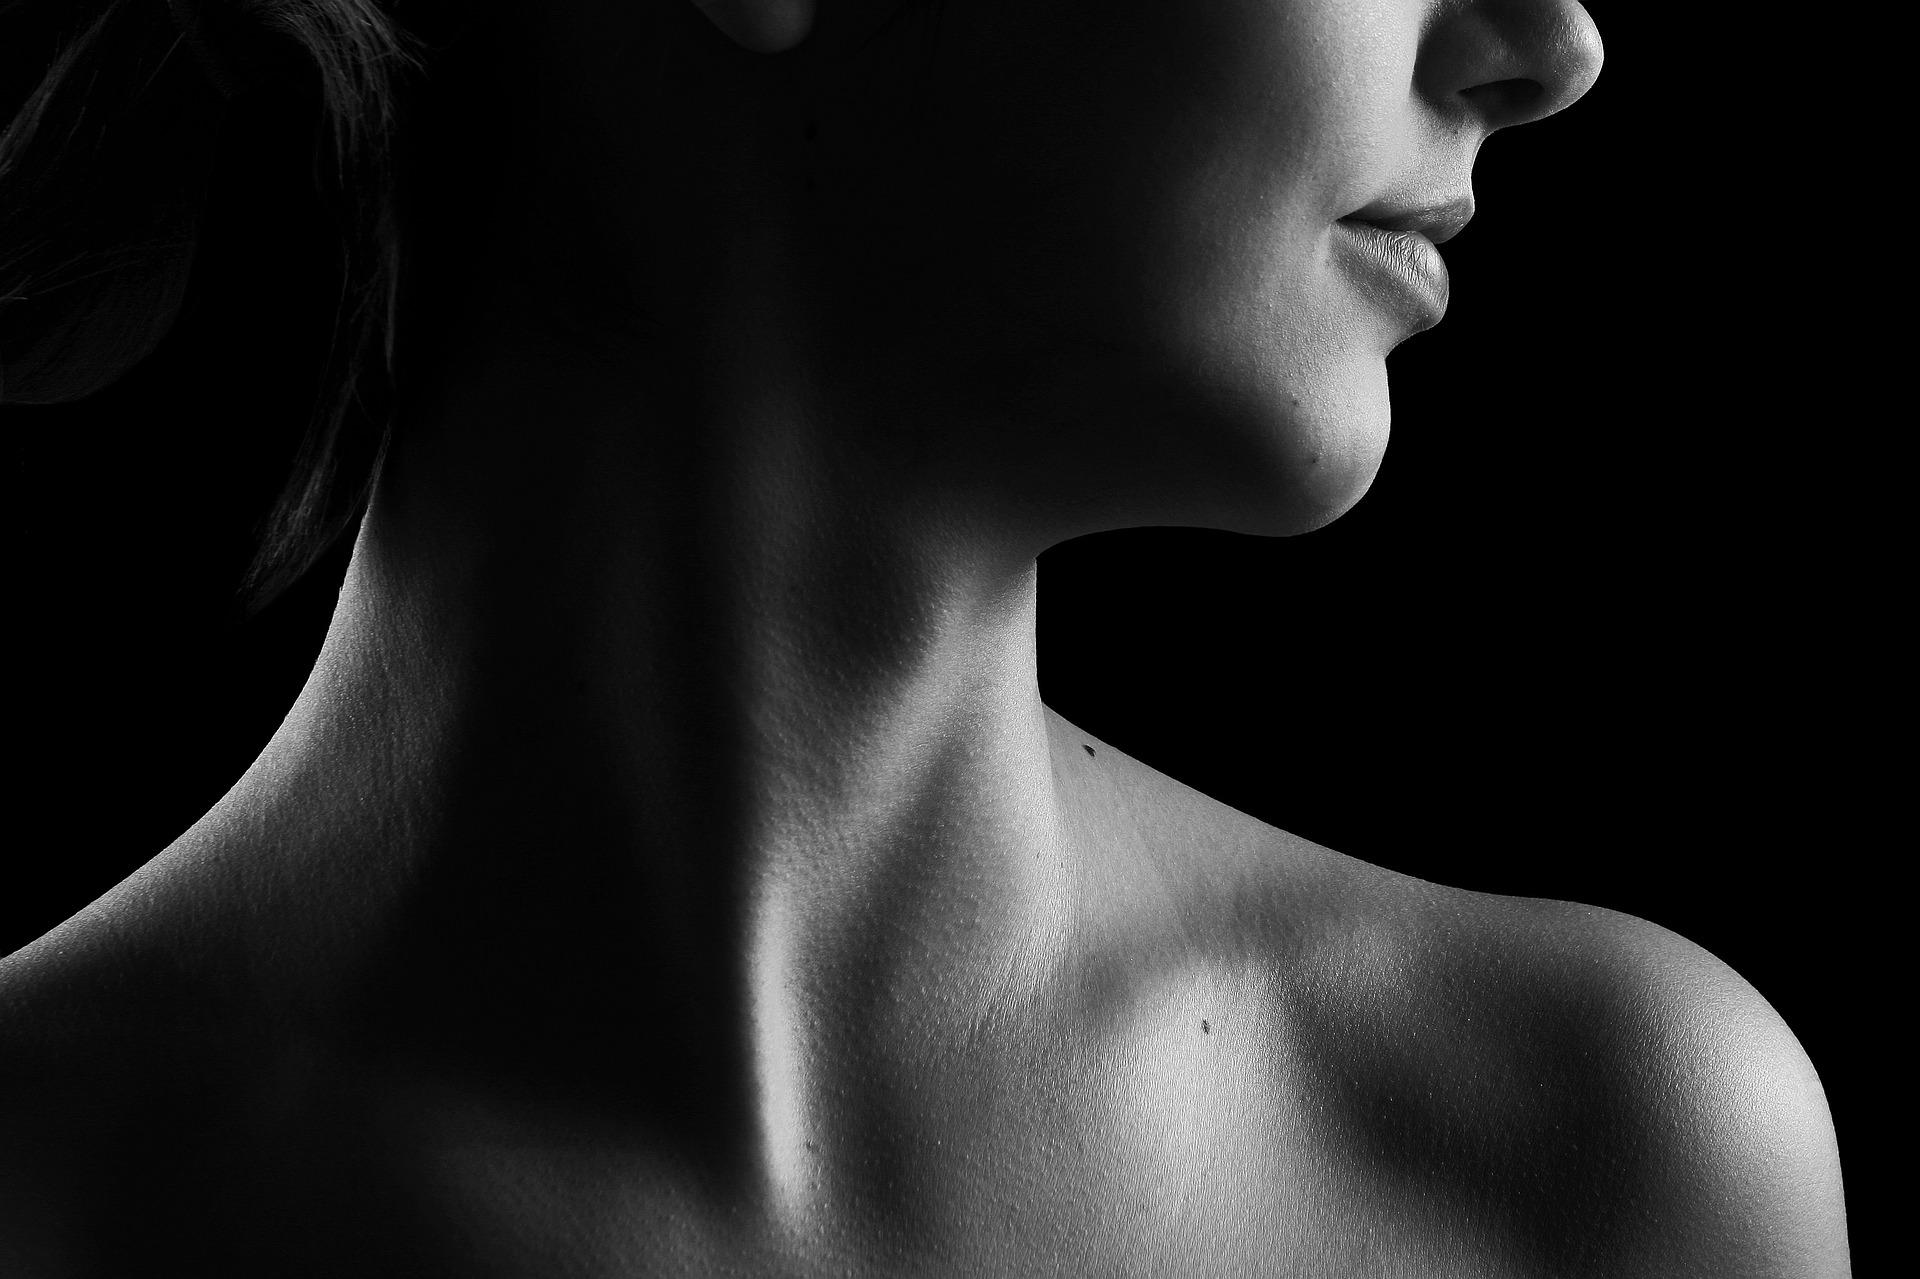 woman's skin after facial